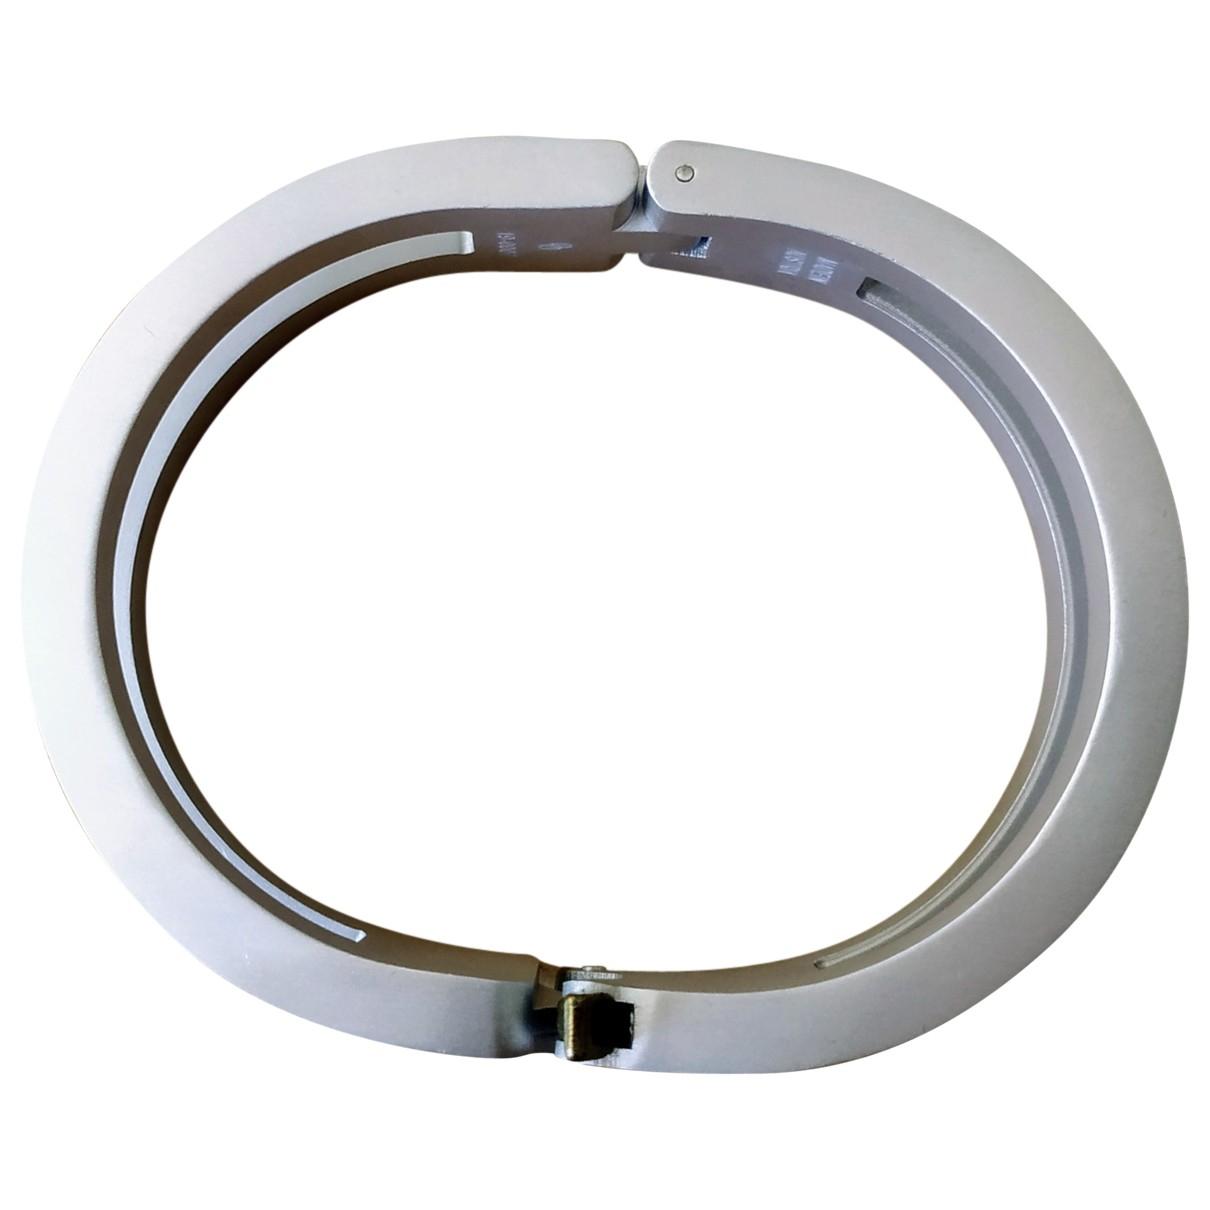 Alyx \N Schmuckstuecke in  Silber Stahl